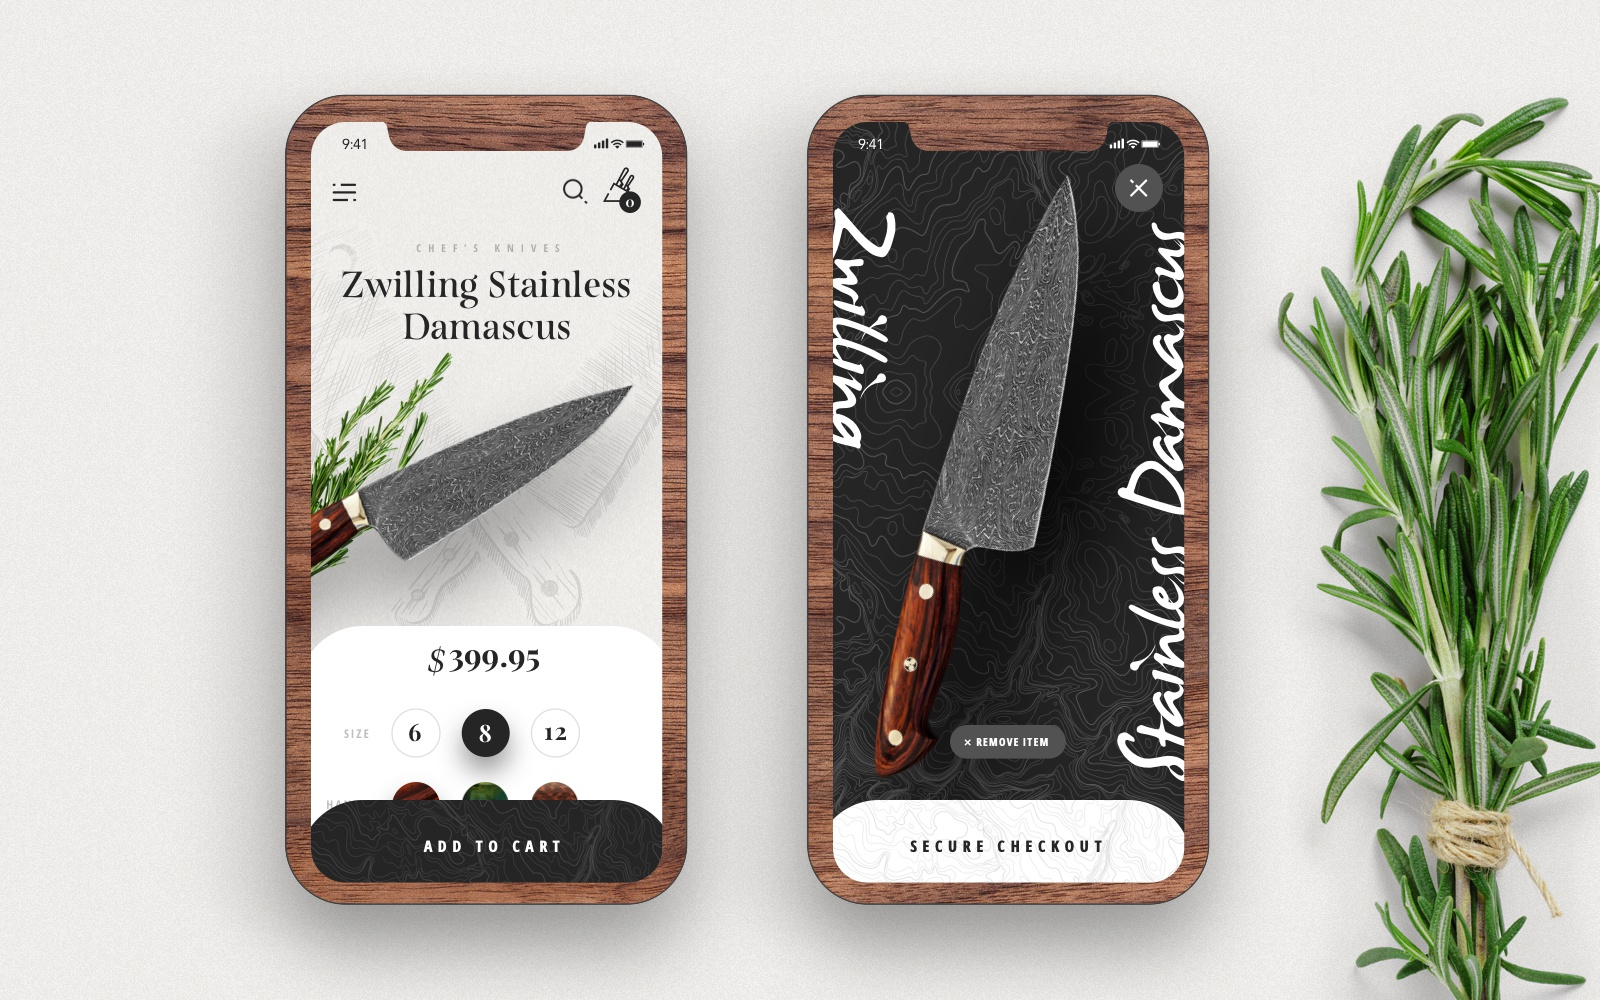 Kramerknives mobile